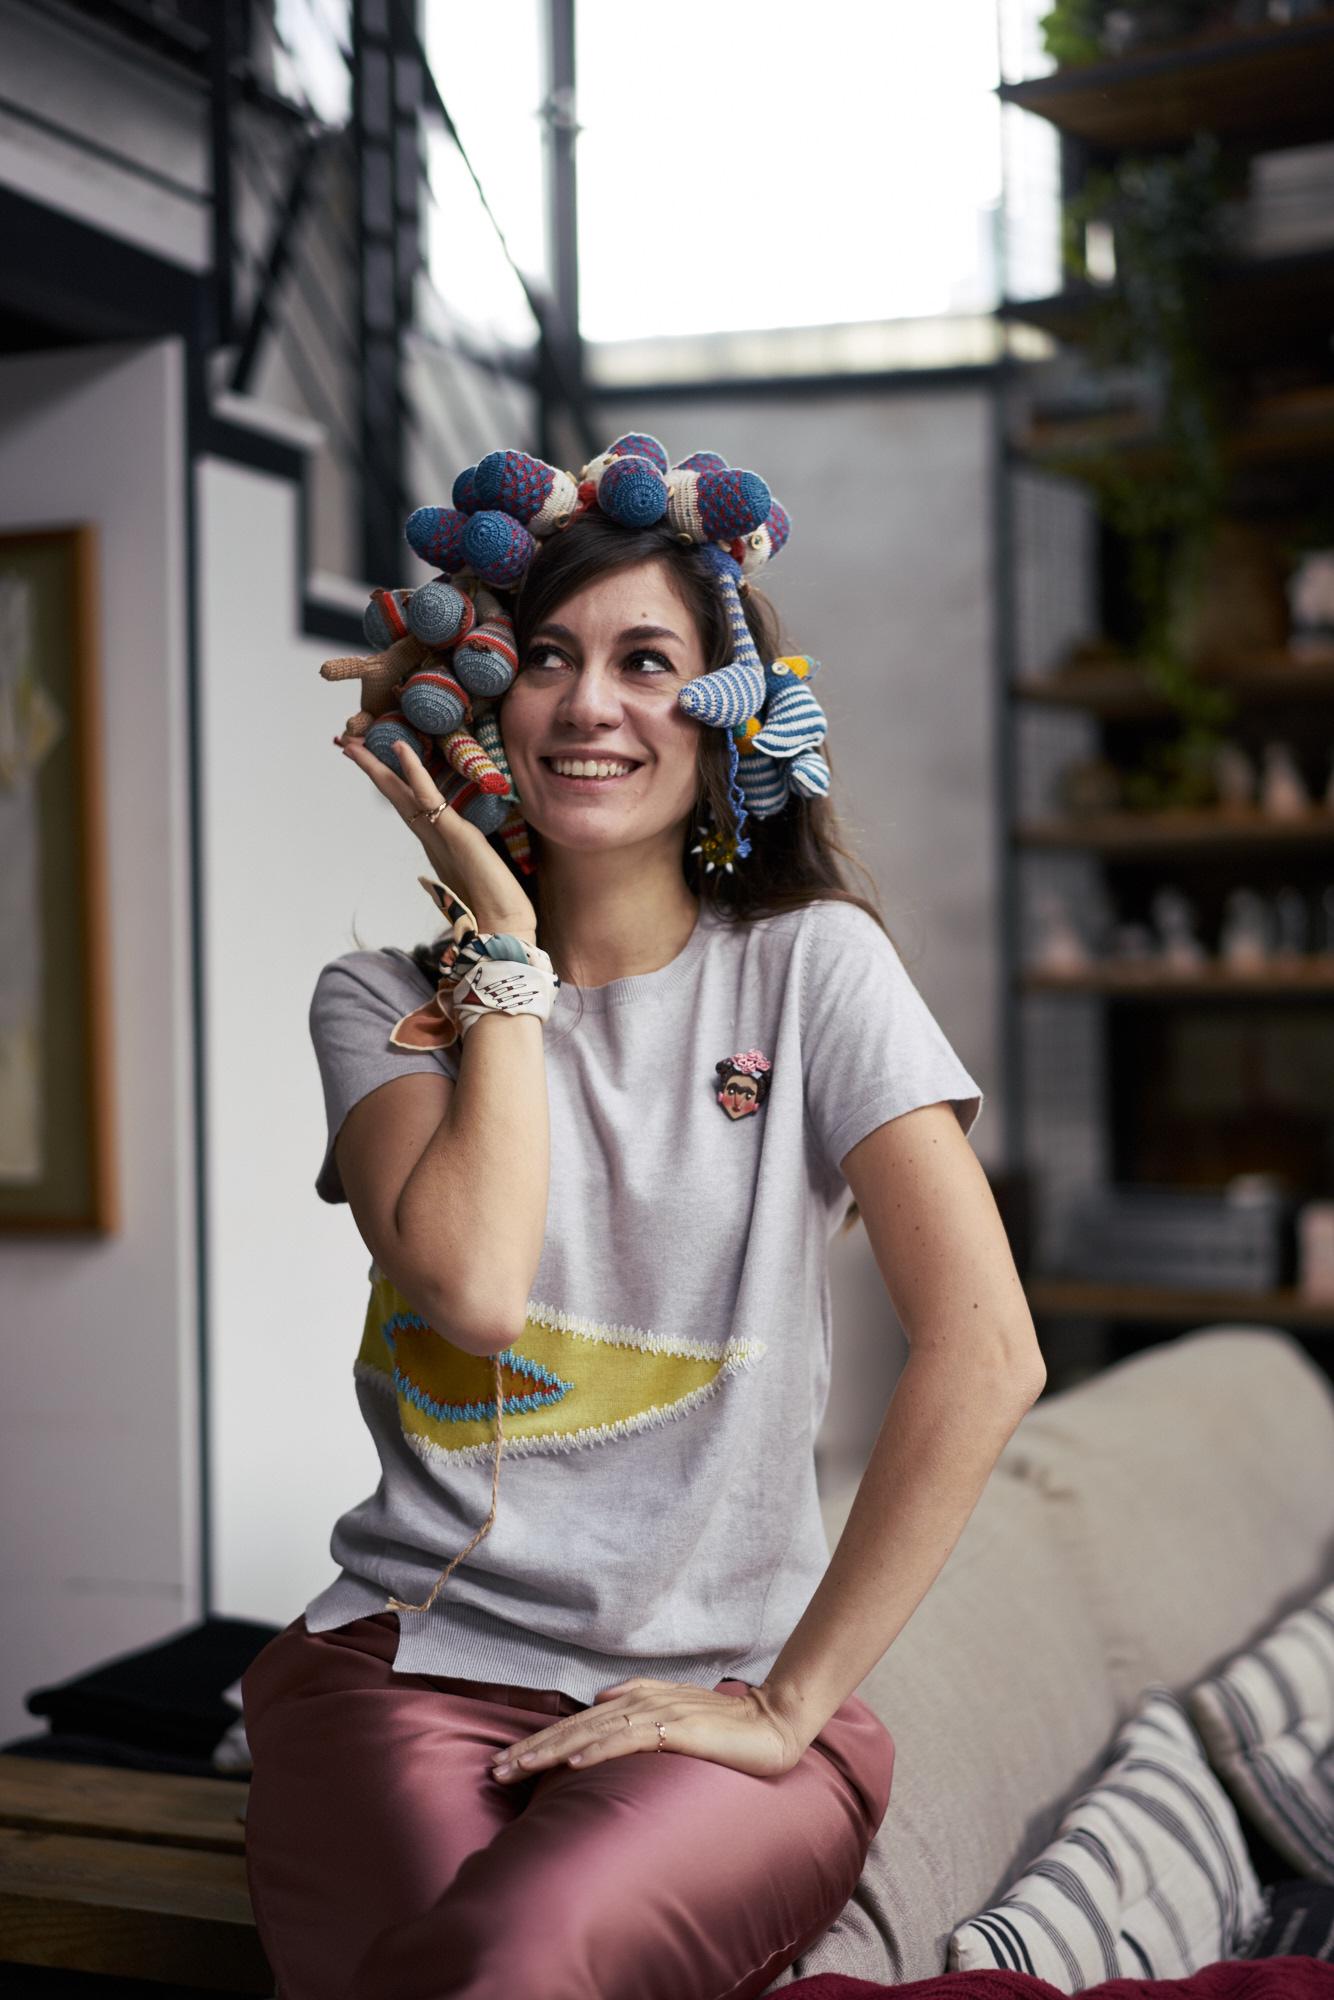 billur saatci, offnegiysem, turkish style blogger, street style, fashion, ootd, blogger, istanbul, youtube, video, rumisu, how to tie a scarf, fuller bağlama, nasıl fular bağlanır, farklı fular bağlama yöntemleri, fular bağlama teknikleri, amigurimi